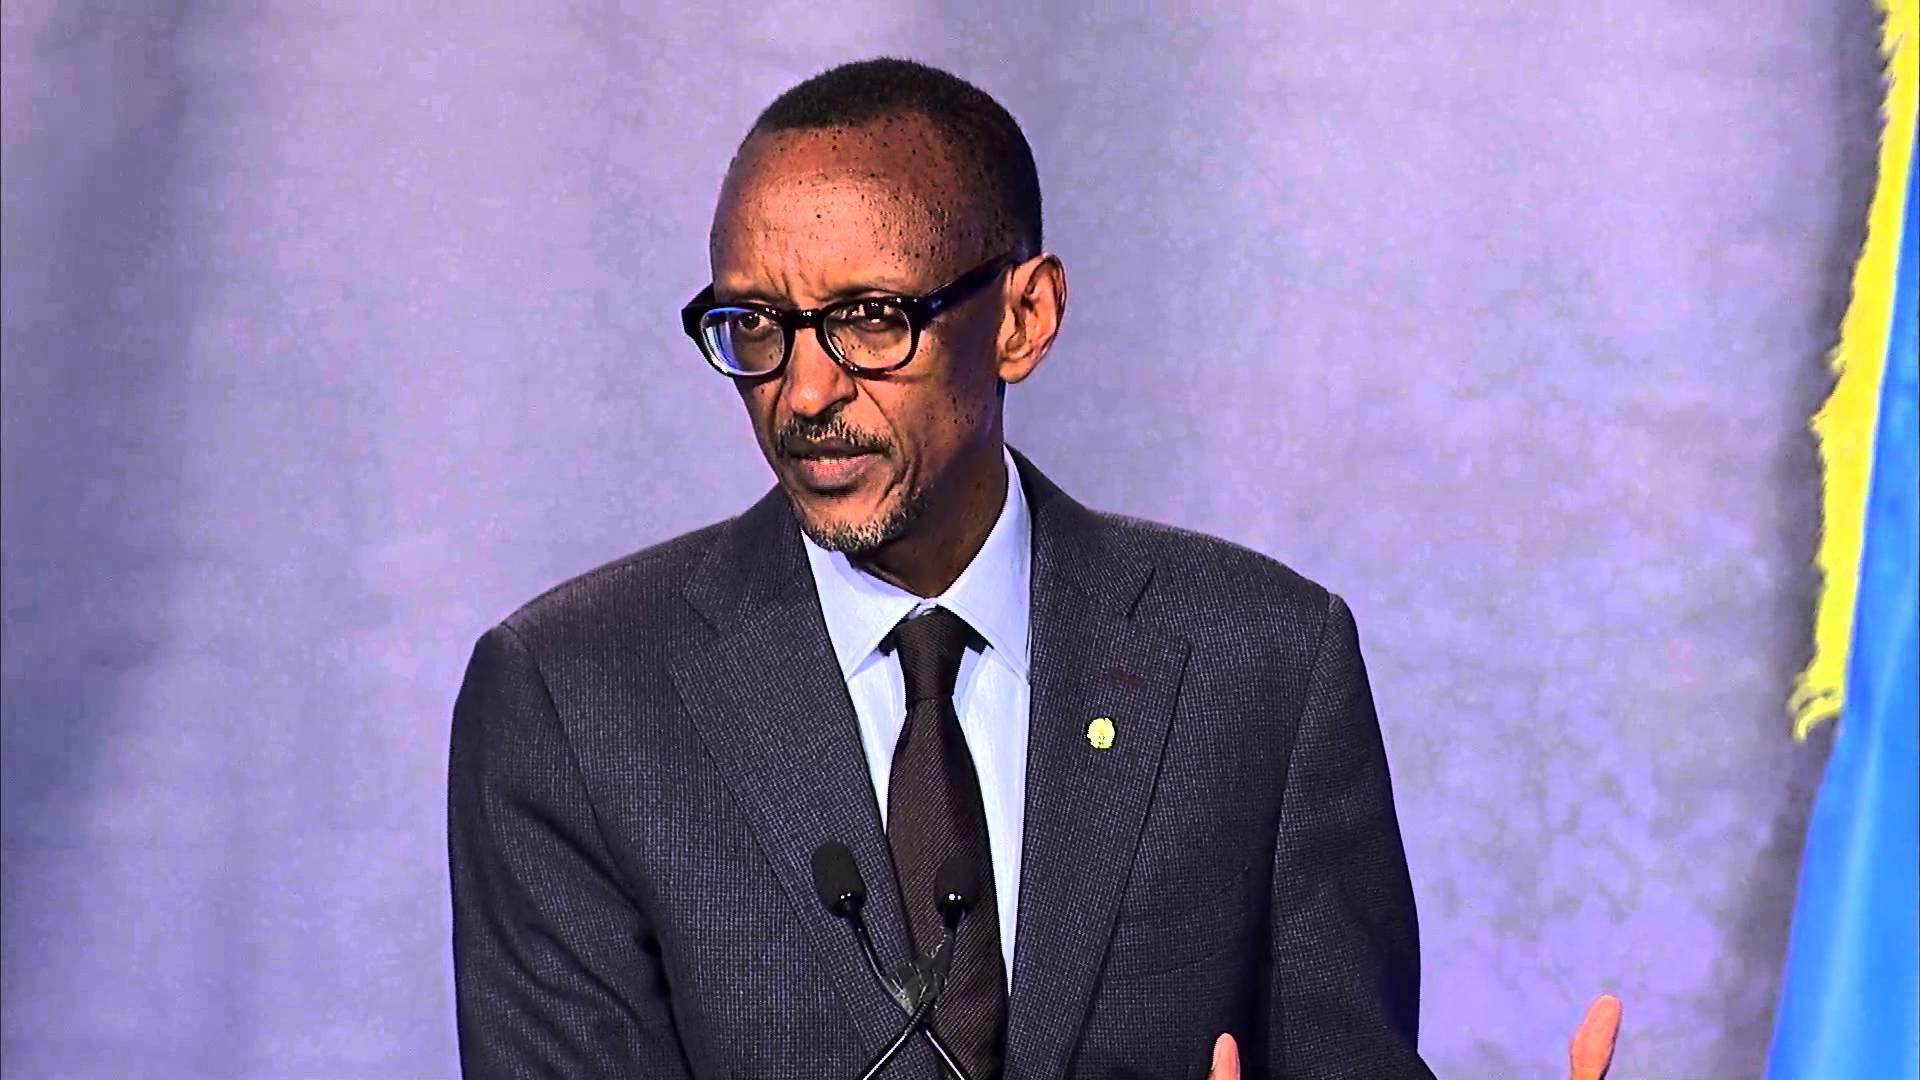 Charlie Hebdo : le président rwandais présente ses condoléances à la France